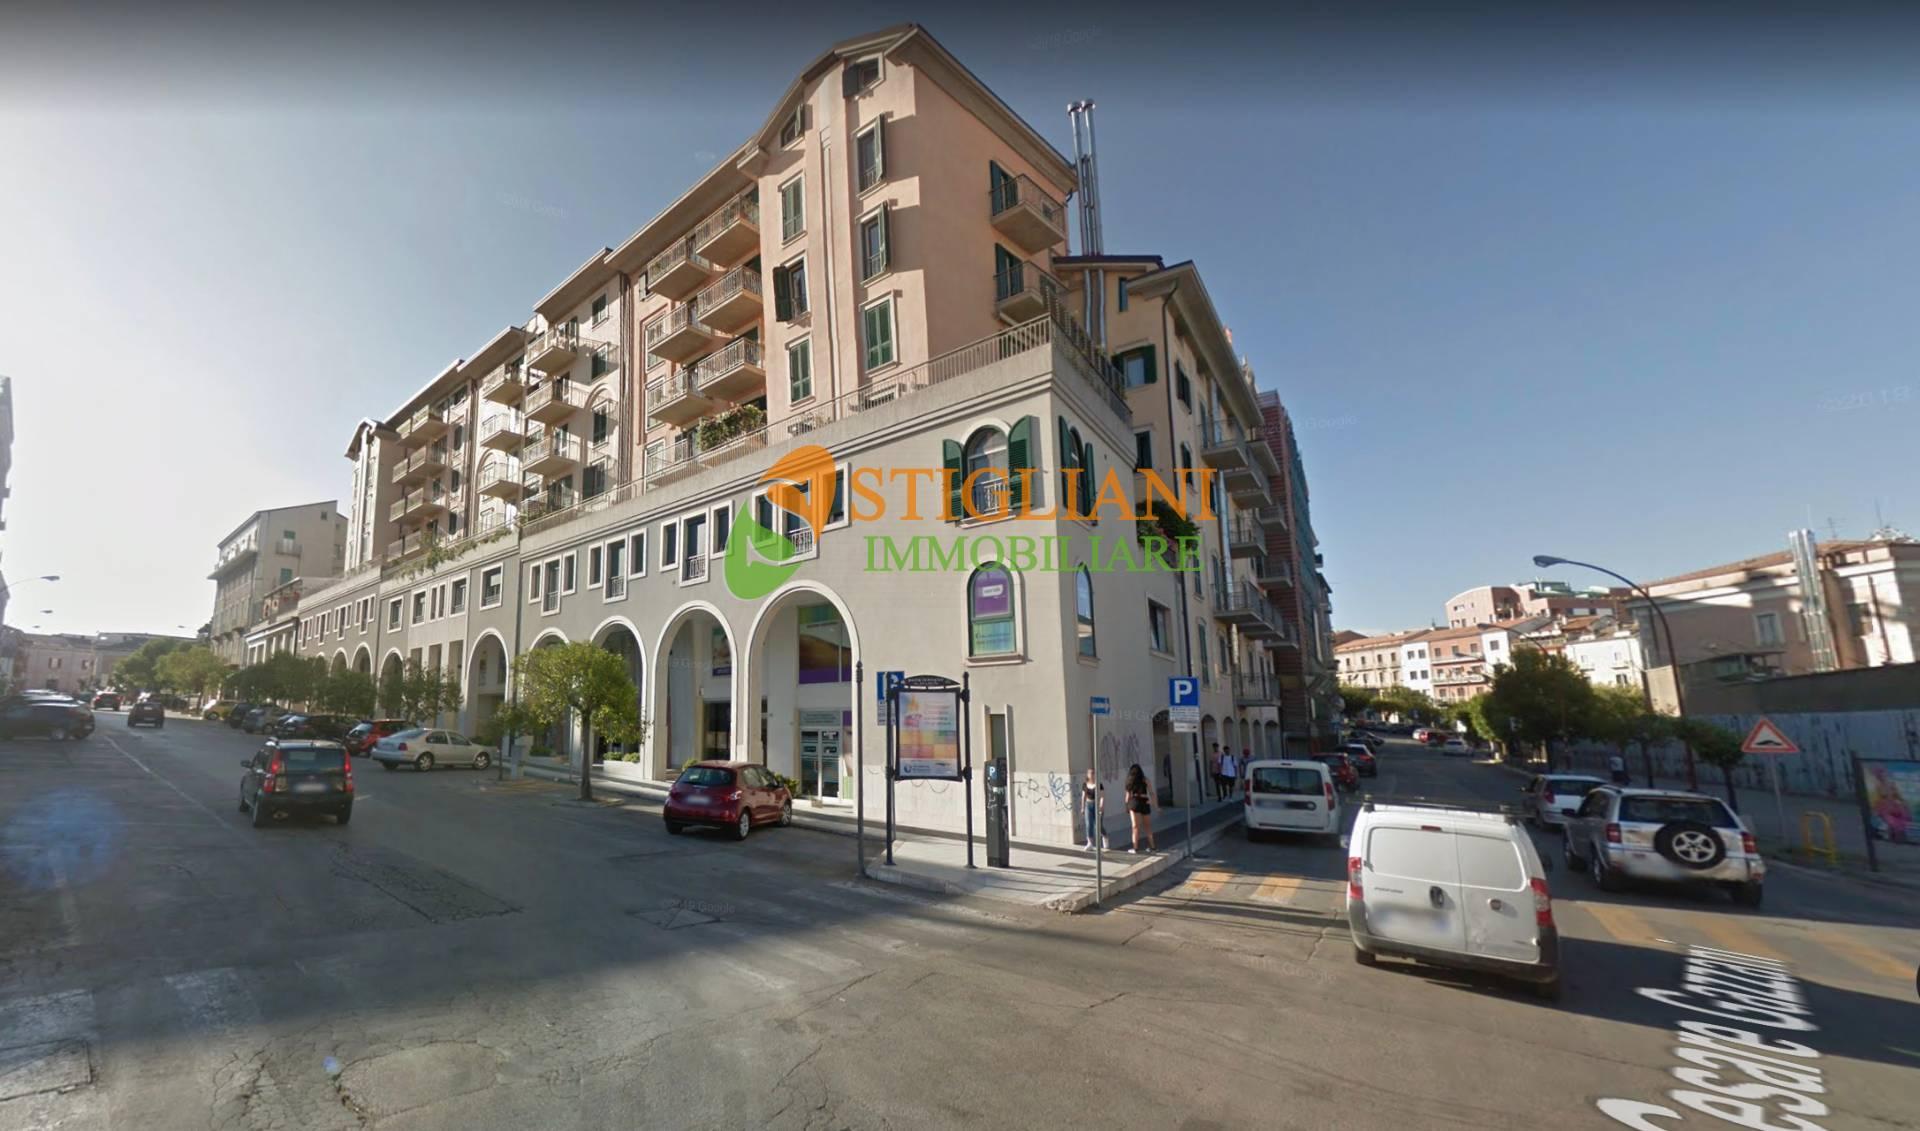 Negozio / Locale in affitto a Campobasso, 9999 locali, zona Zona: Centro, prezzo € 1.000   CambioCasa.it